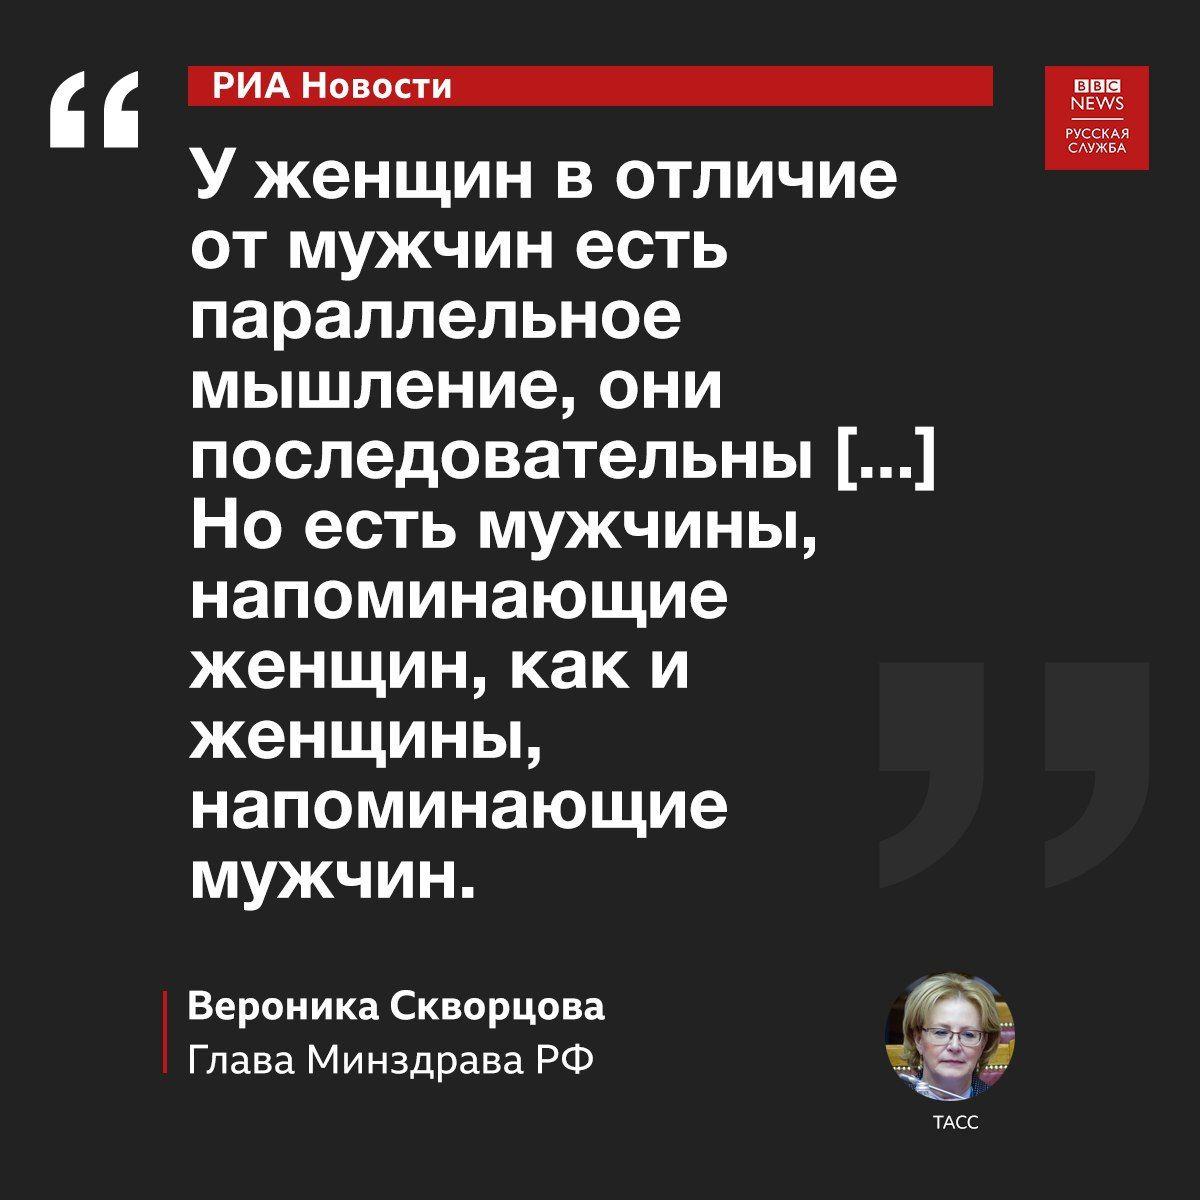 Скворцова заявила, что у мужчин нет параллельного мышления 2